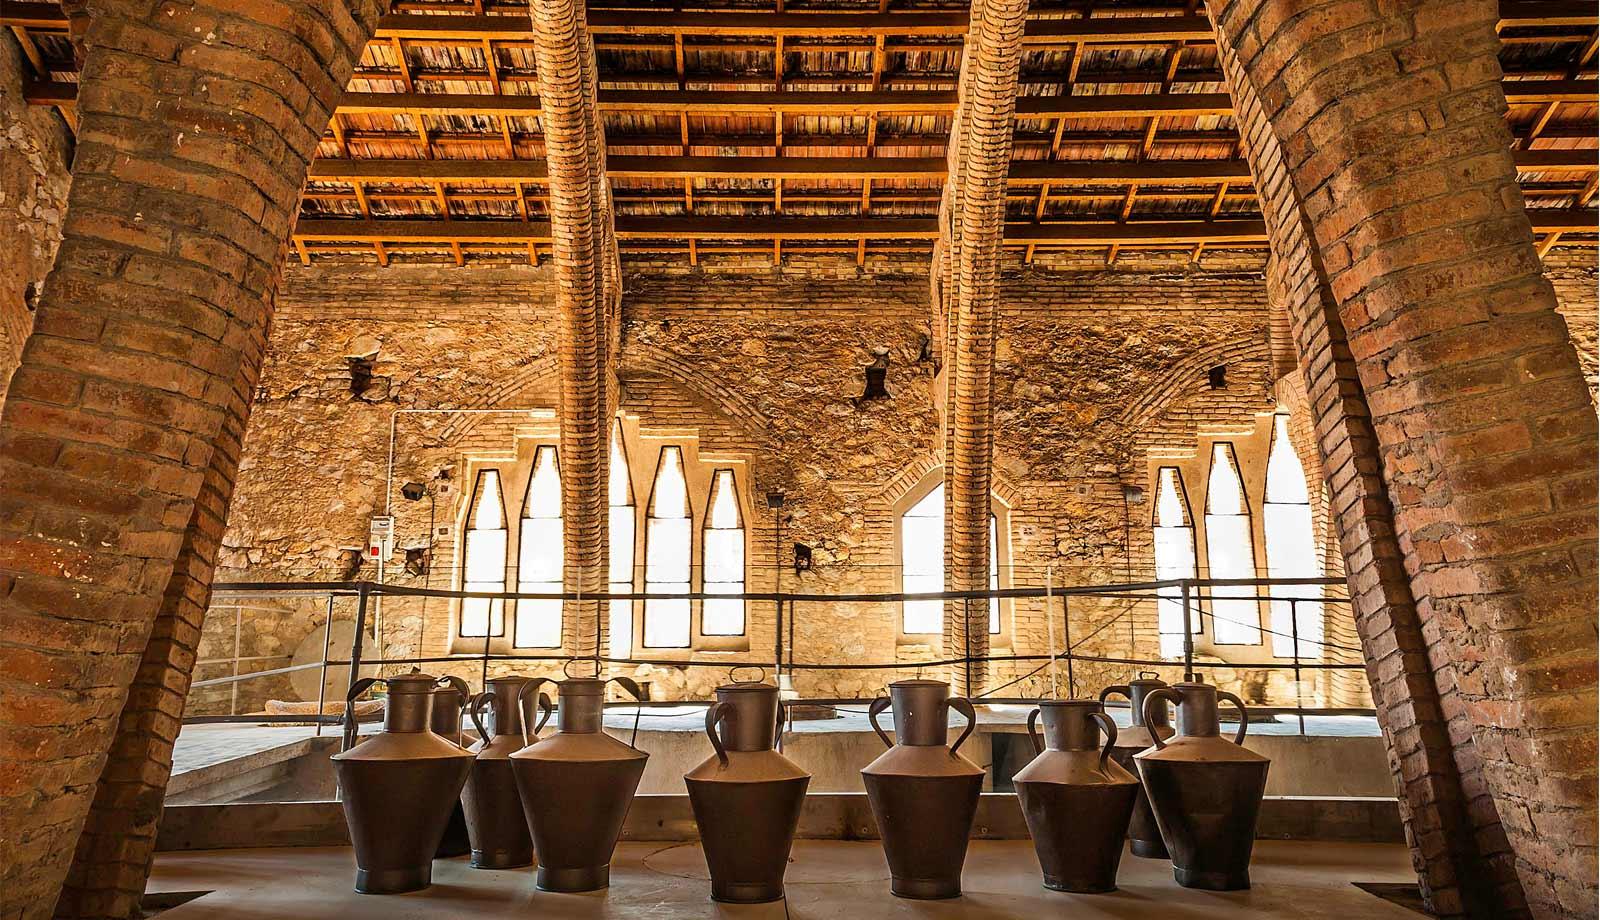 catedral-del-vi-celler-modernista-pinell-de-brai-visita-guiada